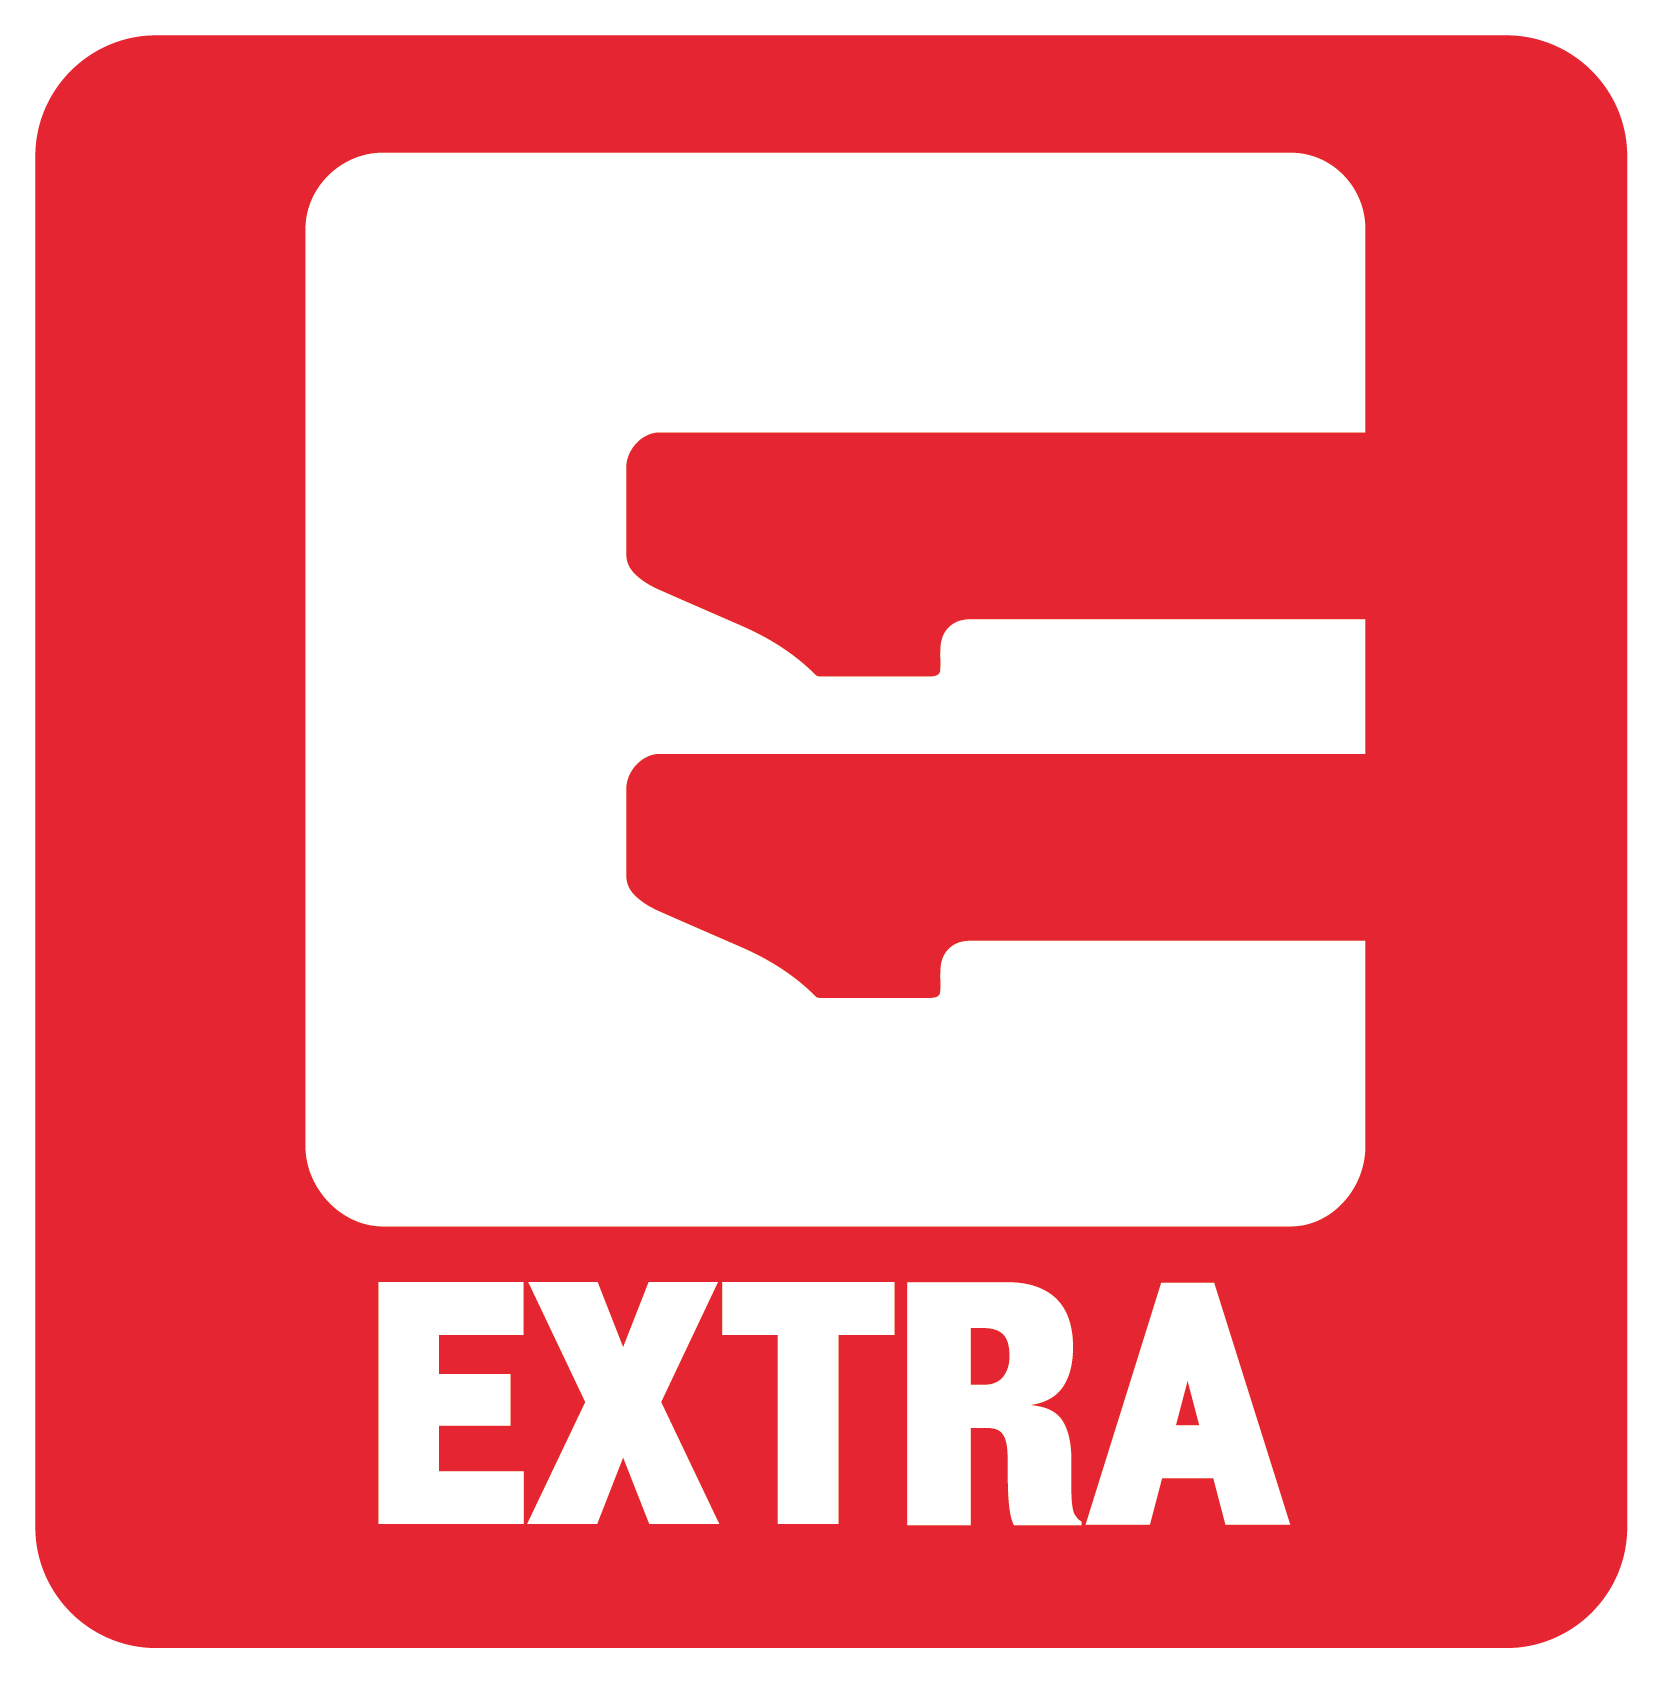 ELEVEN-EXTRA-01-01